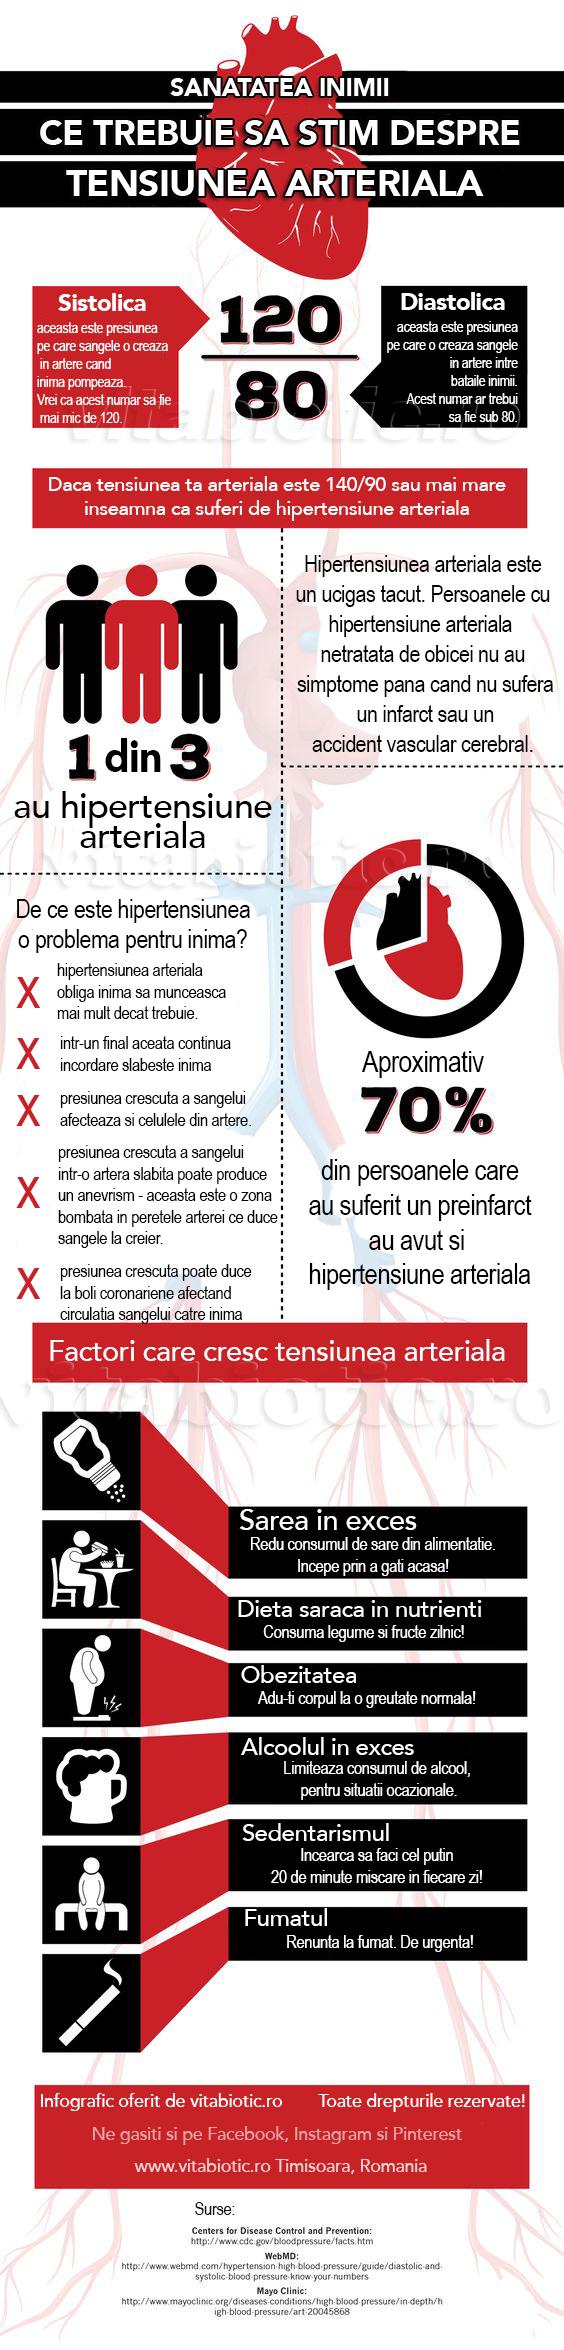 slăbește hipertensiunea arterială